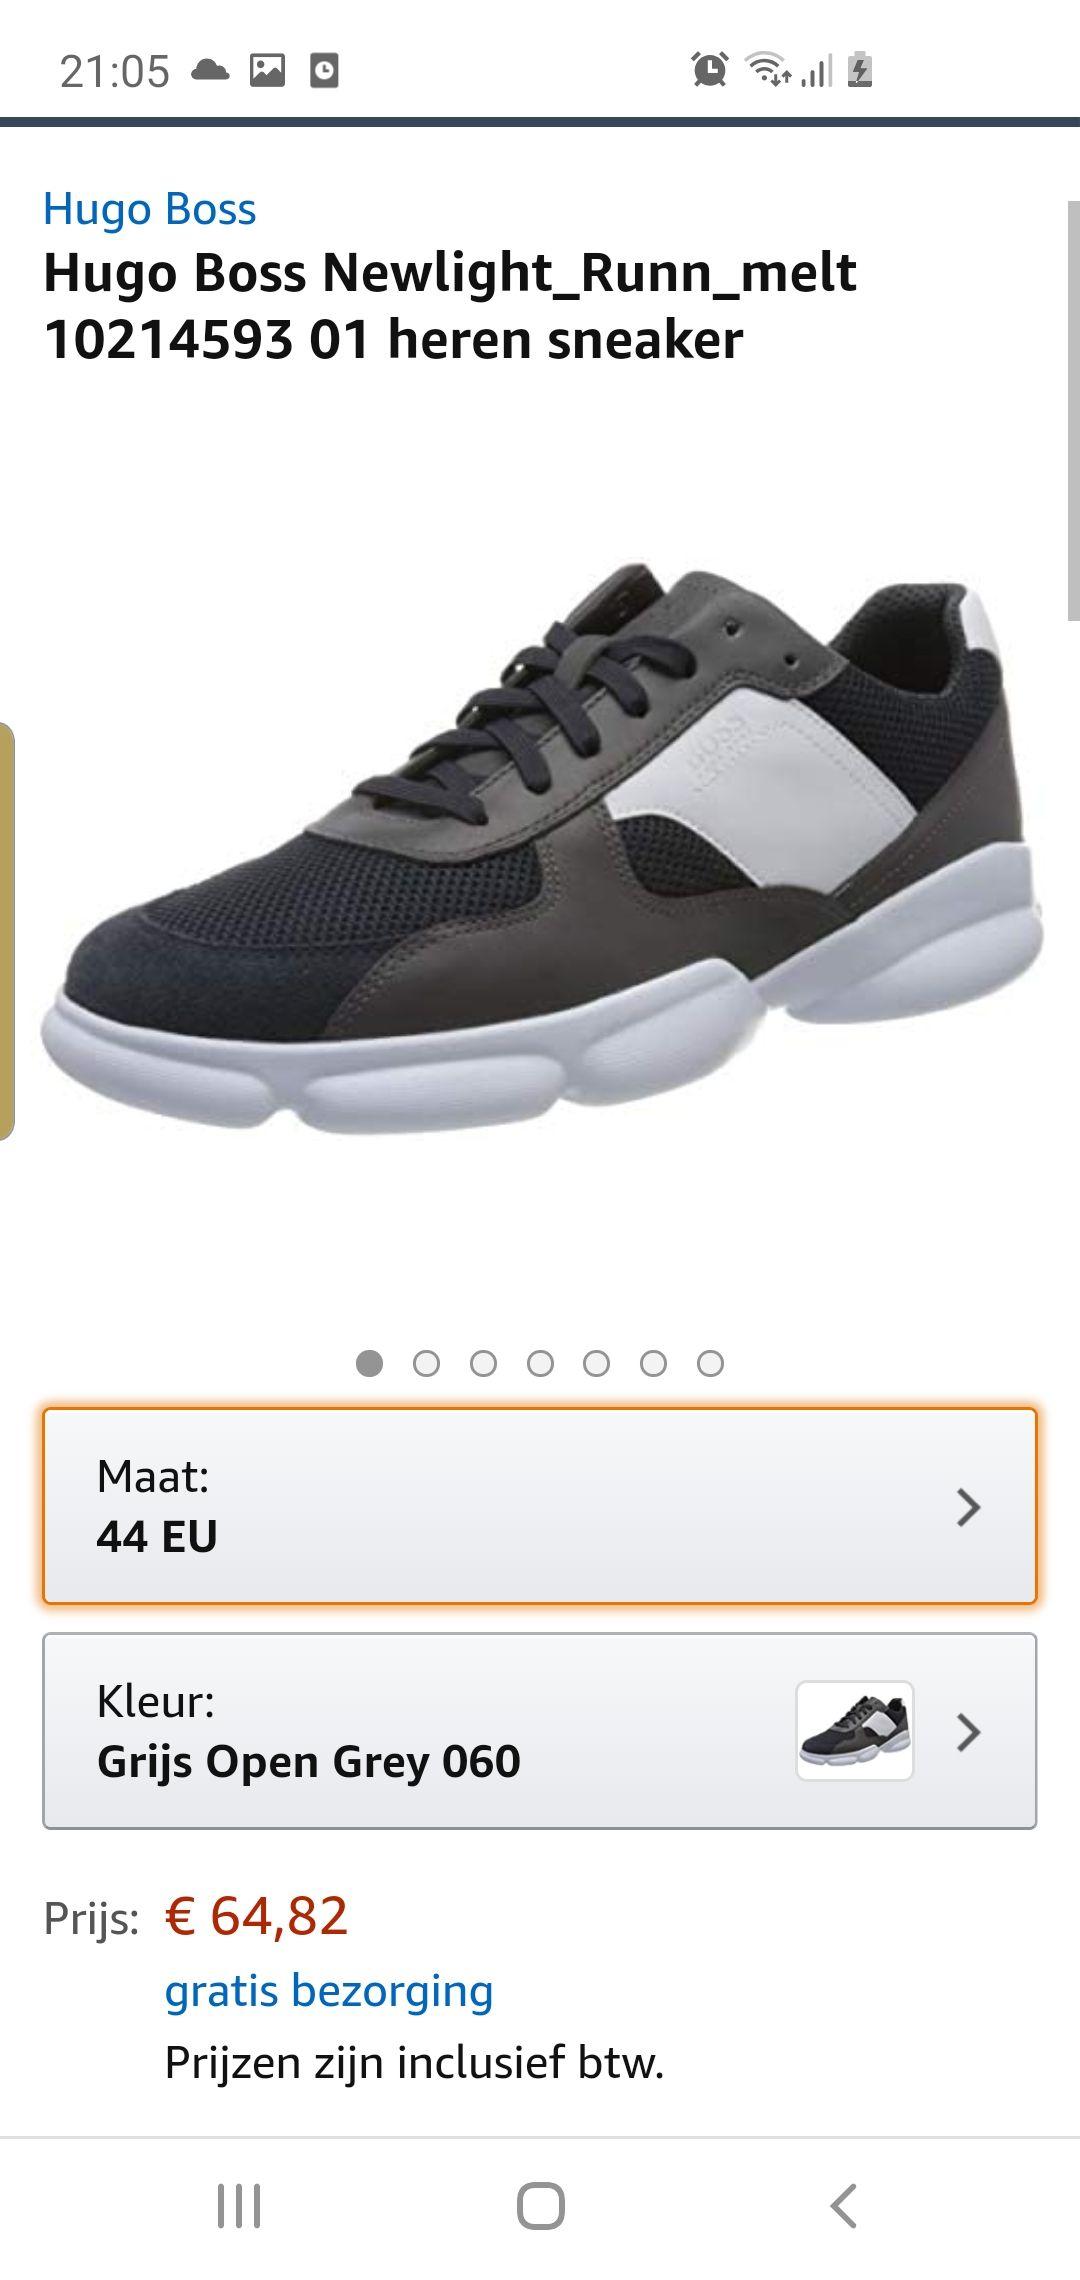 Hugo boss sneakers amazon.nl